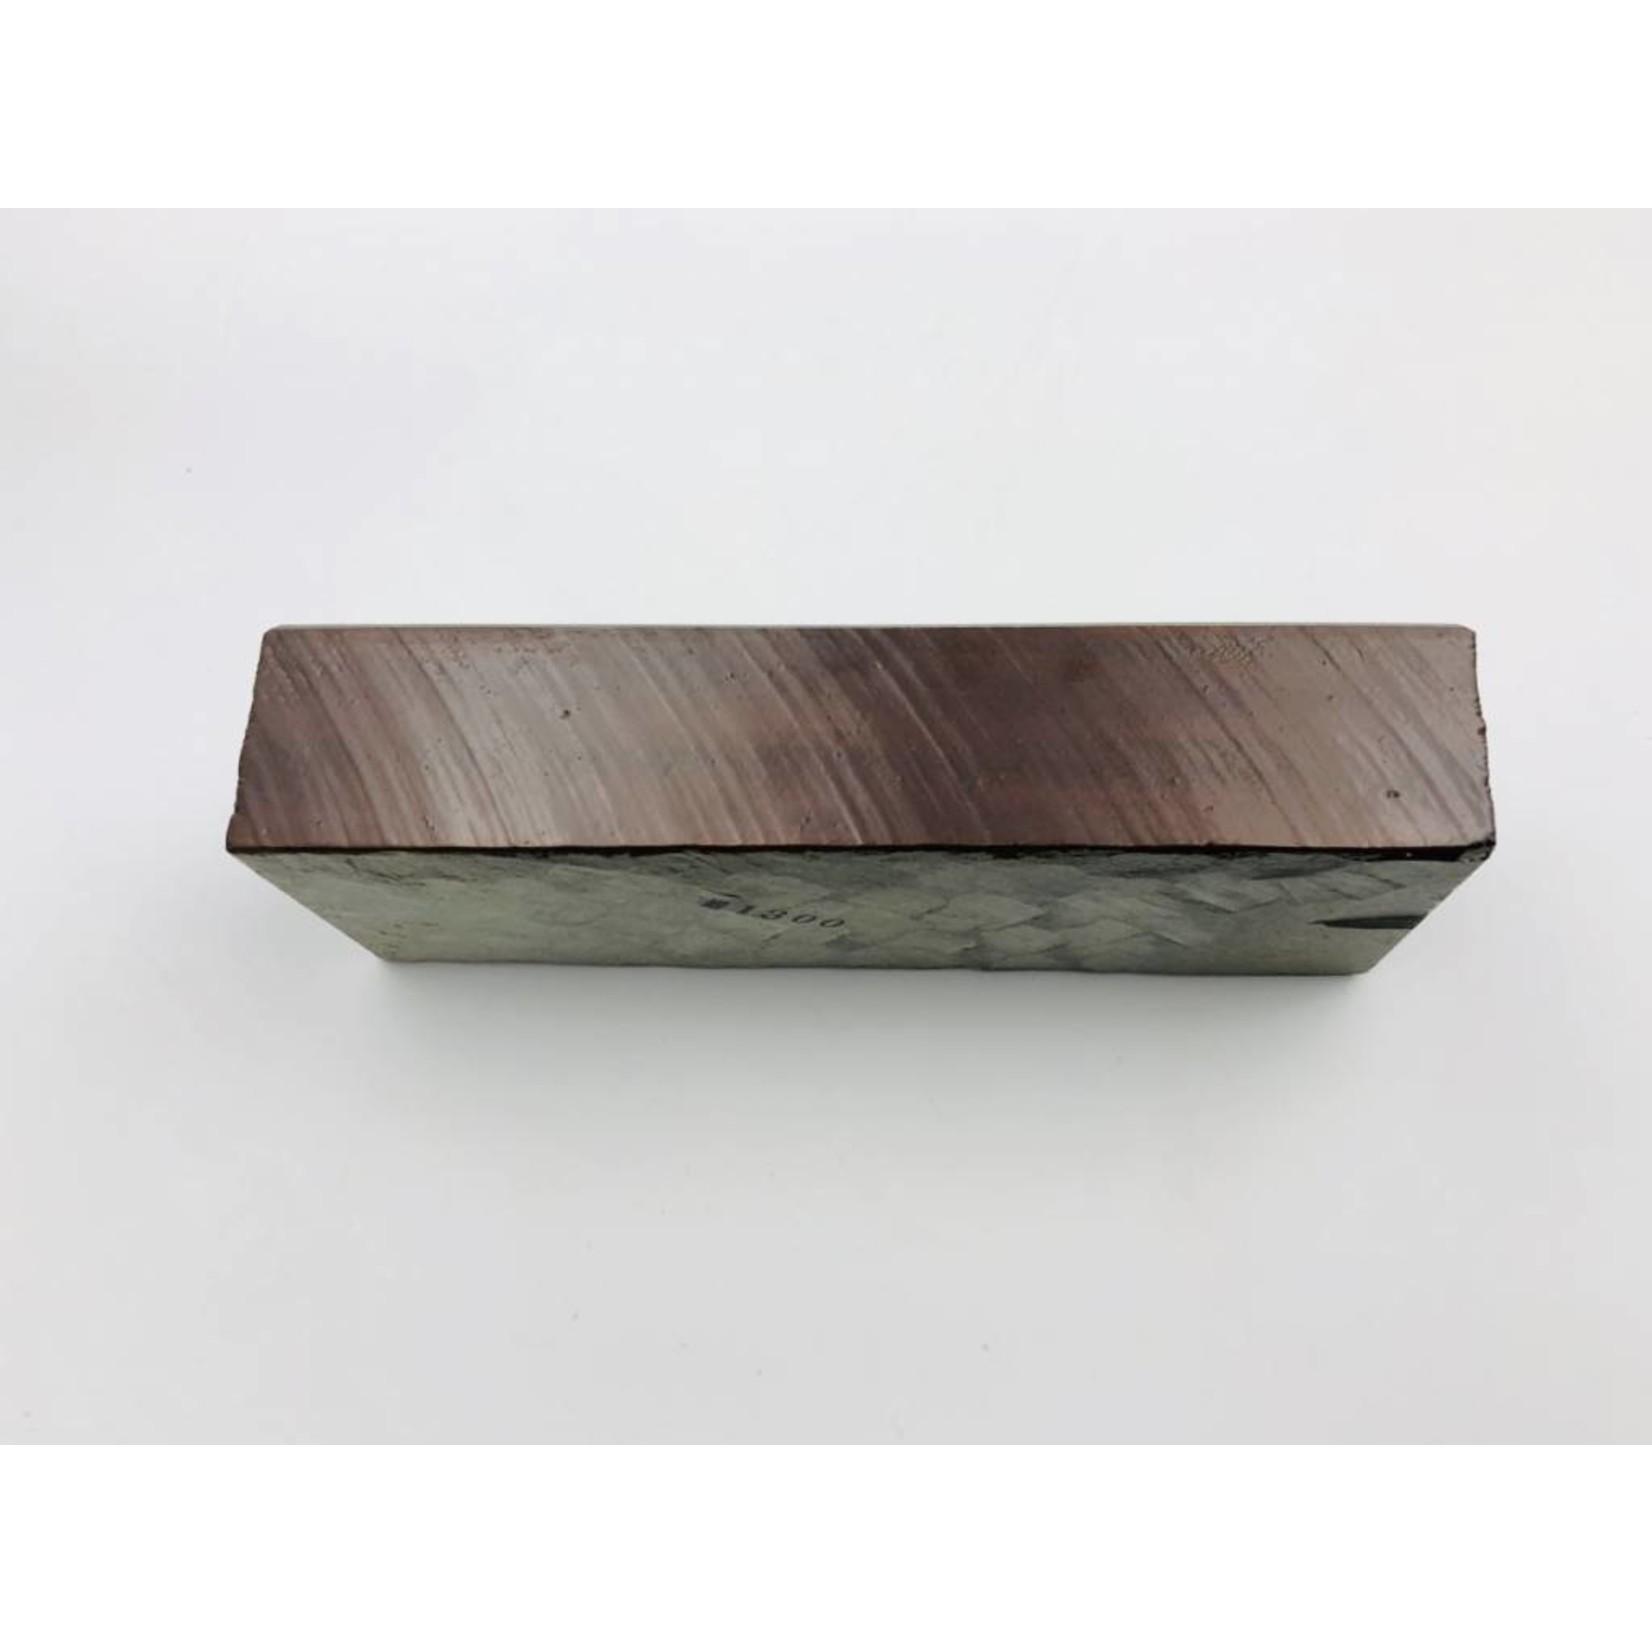 MORIHEI Yaginoshima Natural Stone Shine #10000 nr.1300